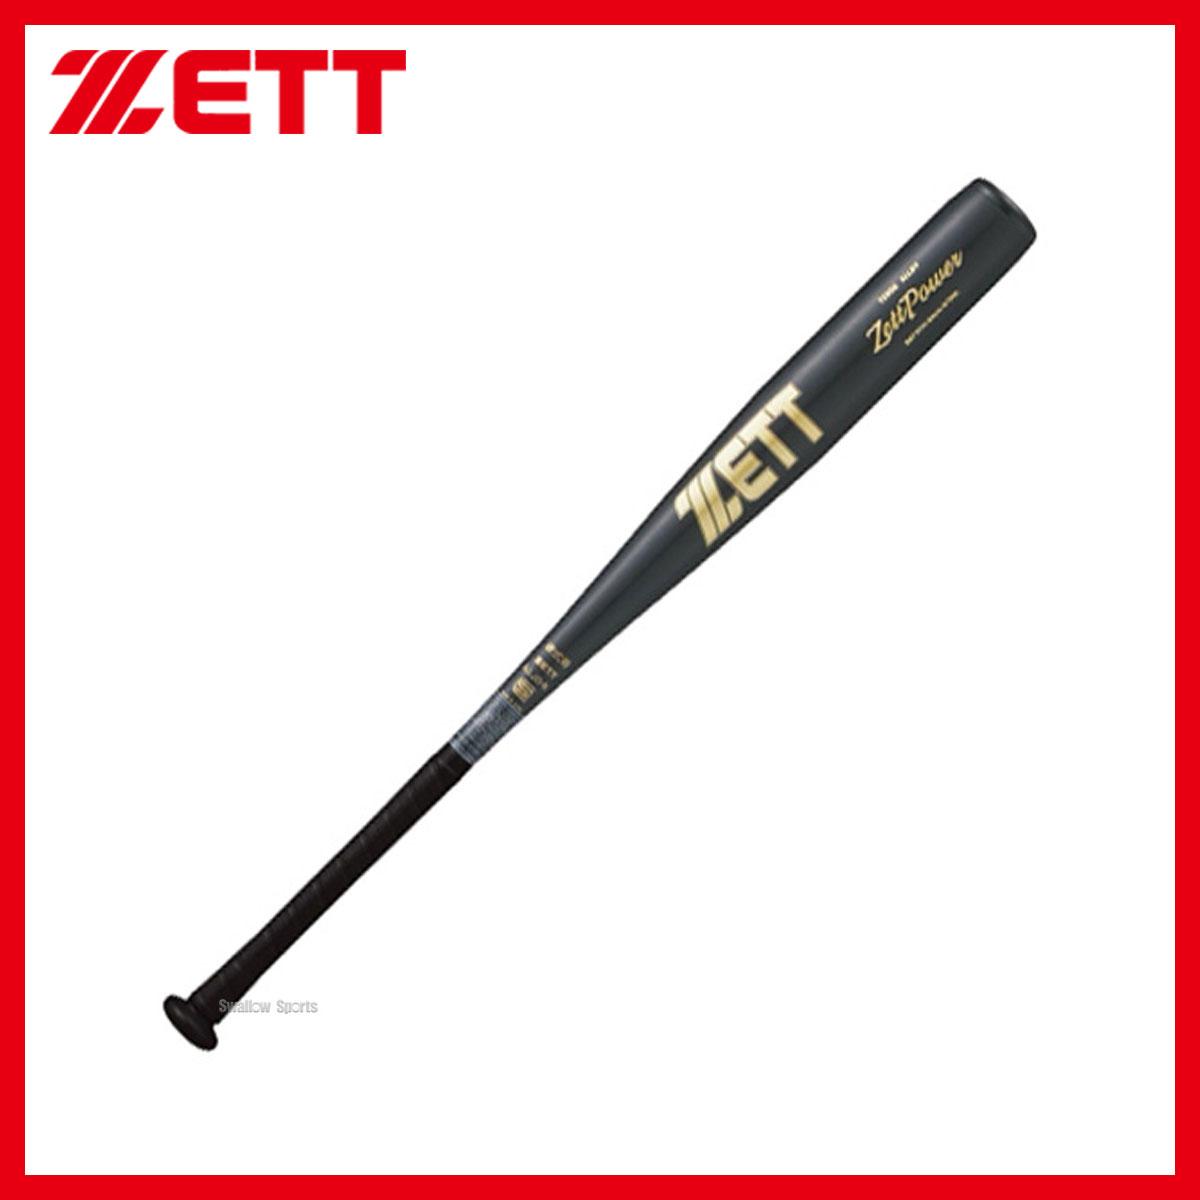 ゼット ZETT 硬式 金属 バット アルミ ZETTPOWER 84cm BAT1834 バット 硬式用 金属バット ZETT 【SALE】 野球用品 スワロースポーツ ■TRZ